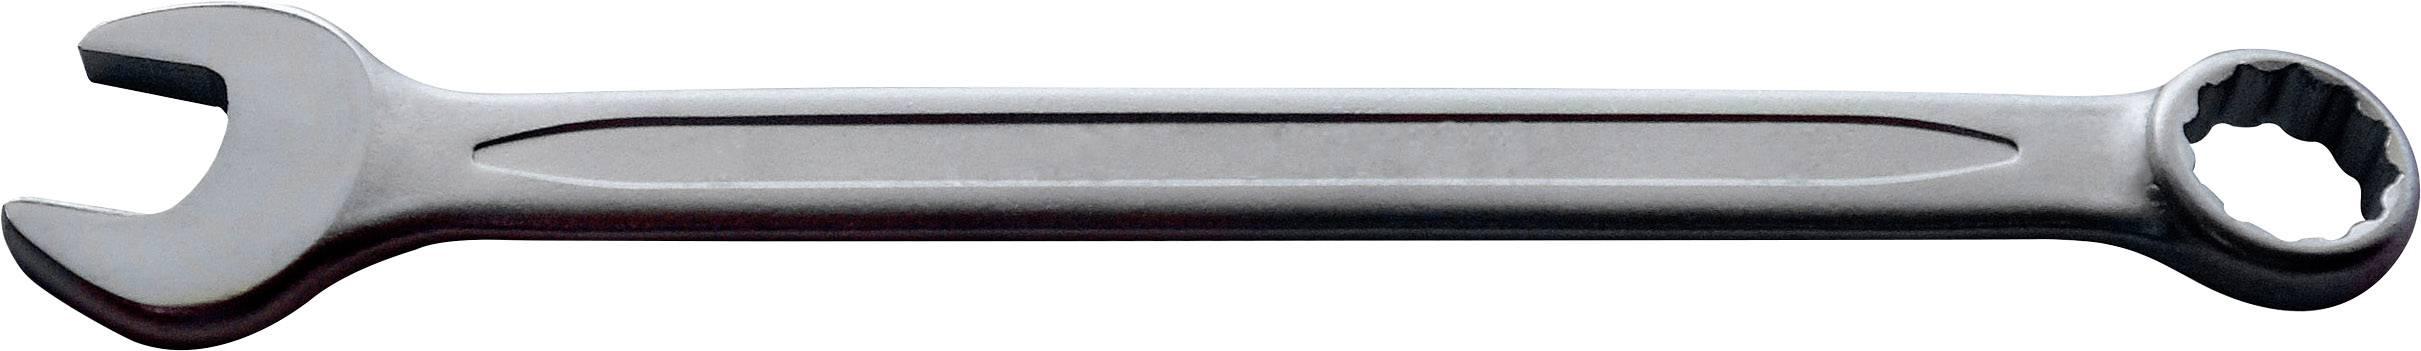 Očkoplochý klíč TOOLCRAFT 820838, DIN 3113 Form A, 17 mm